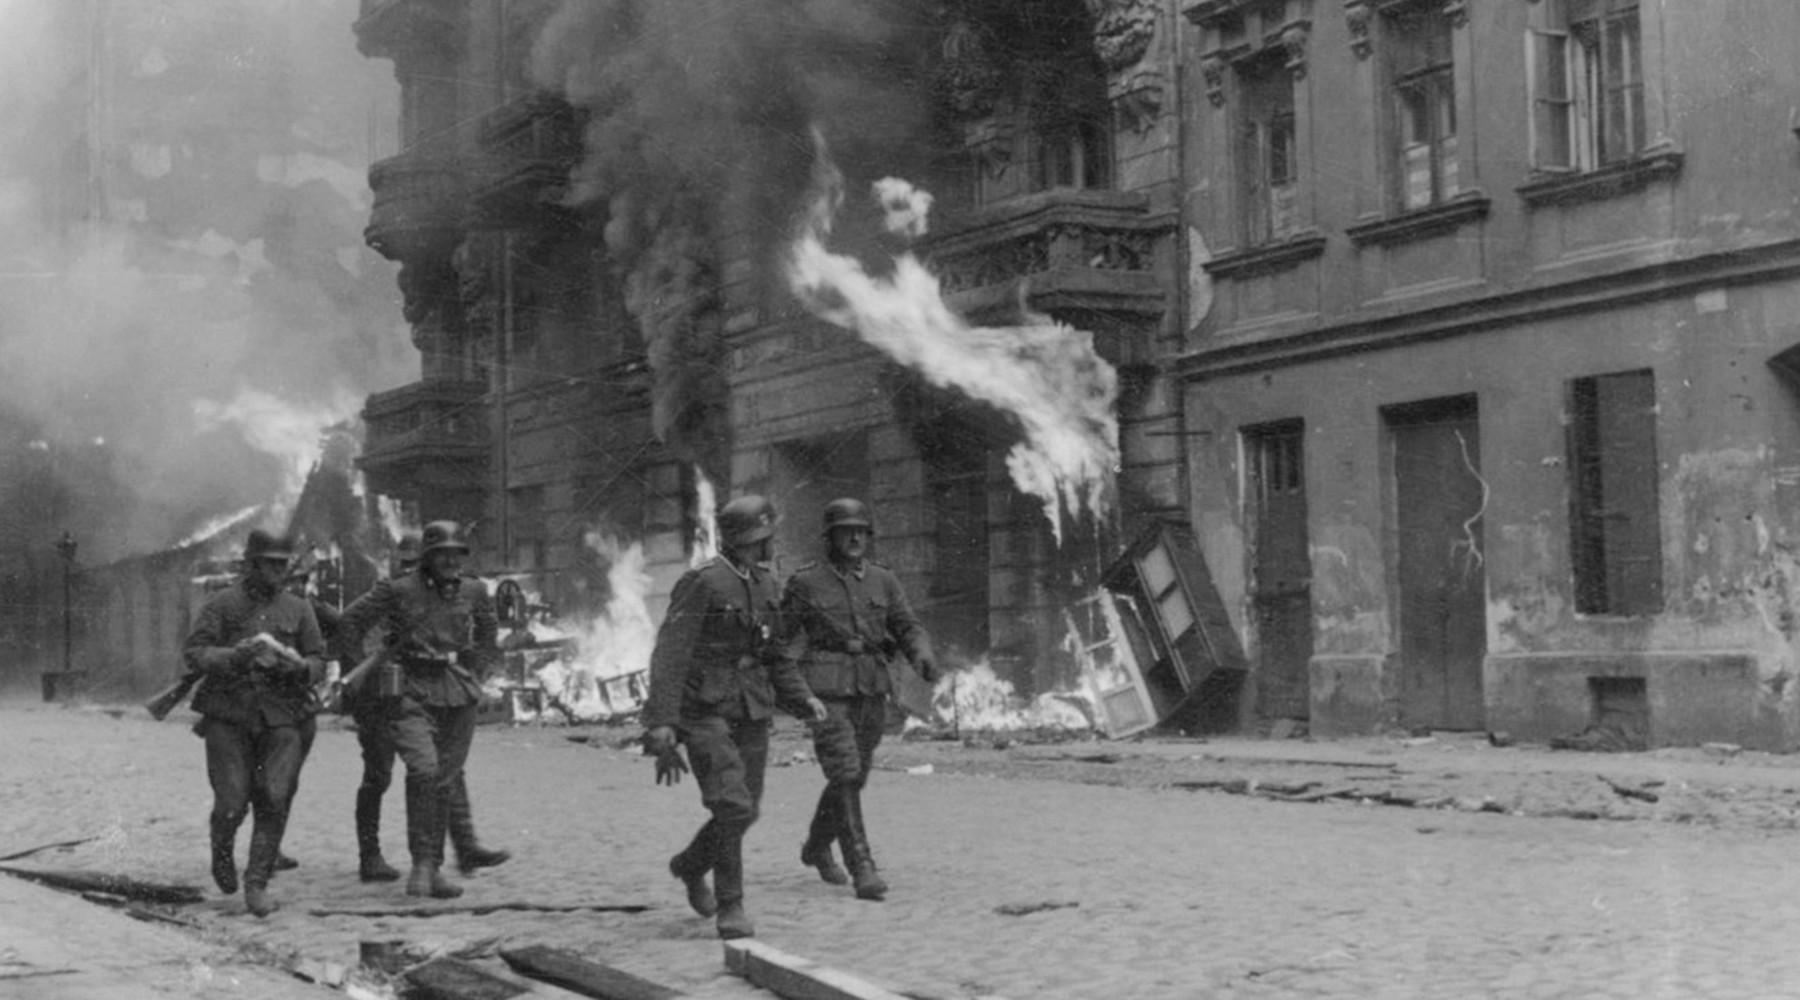 Как сражались и погибали восставшие в Варшавском гетто